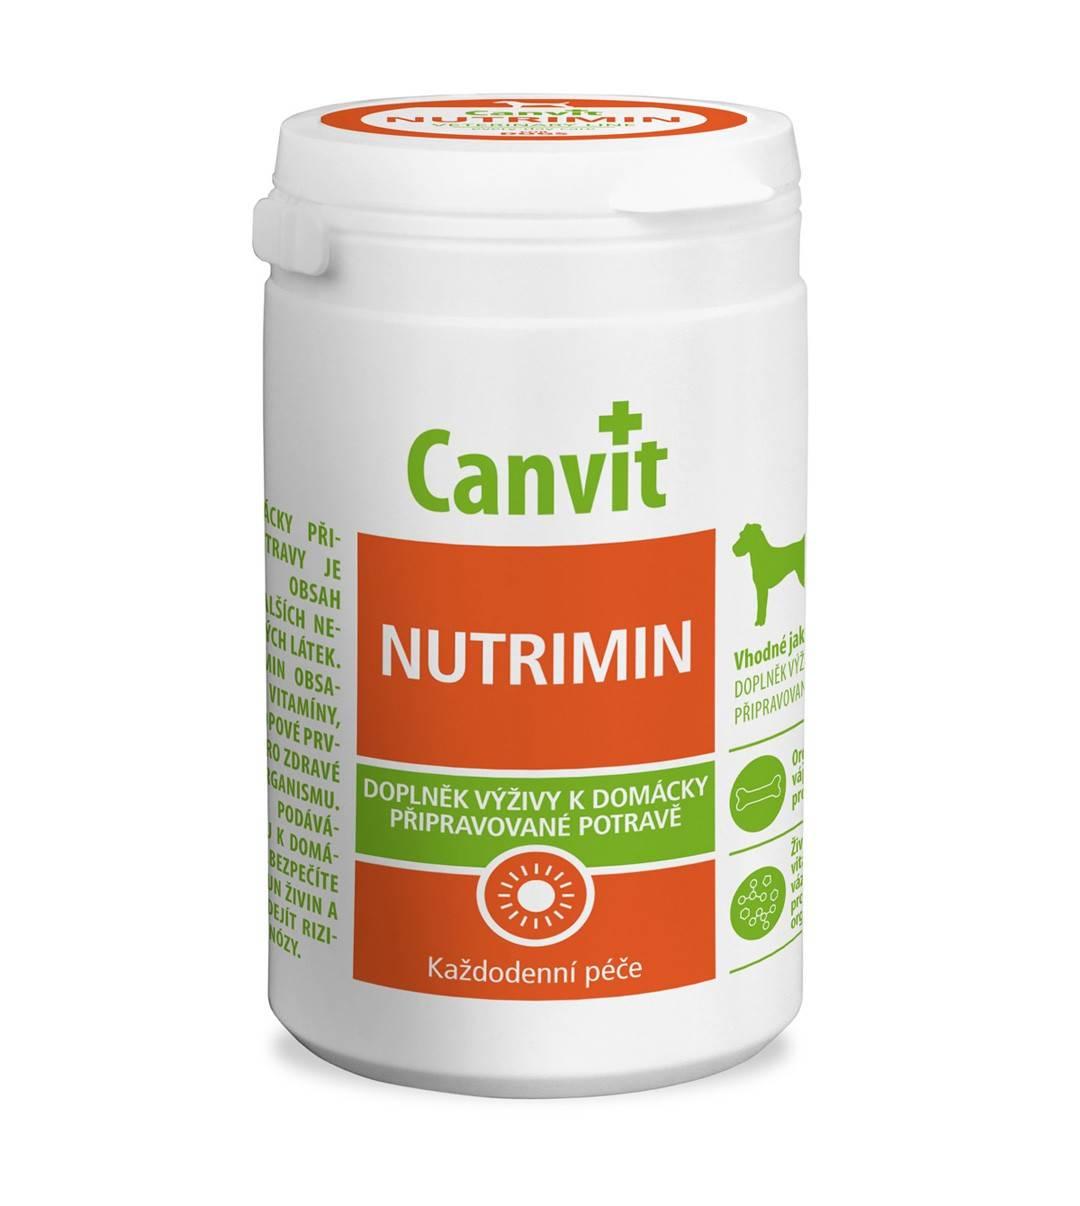 CANVIT NUTRIMIN – вітамінний комплекс для поліпшення обміну речовин собак